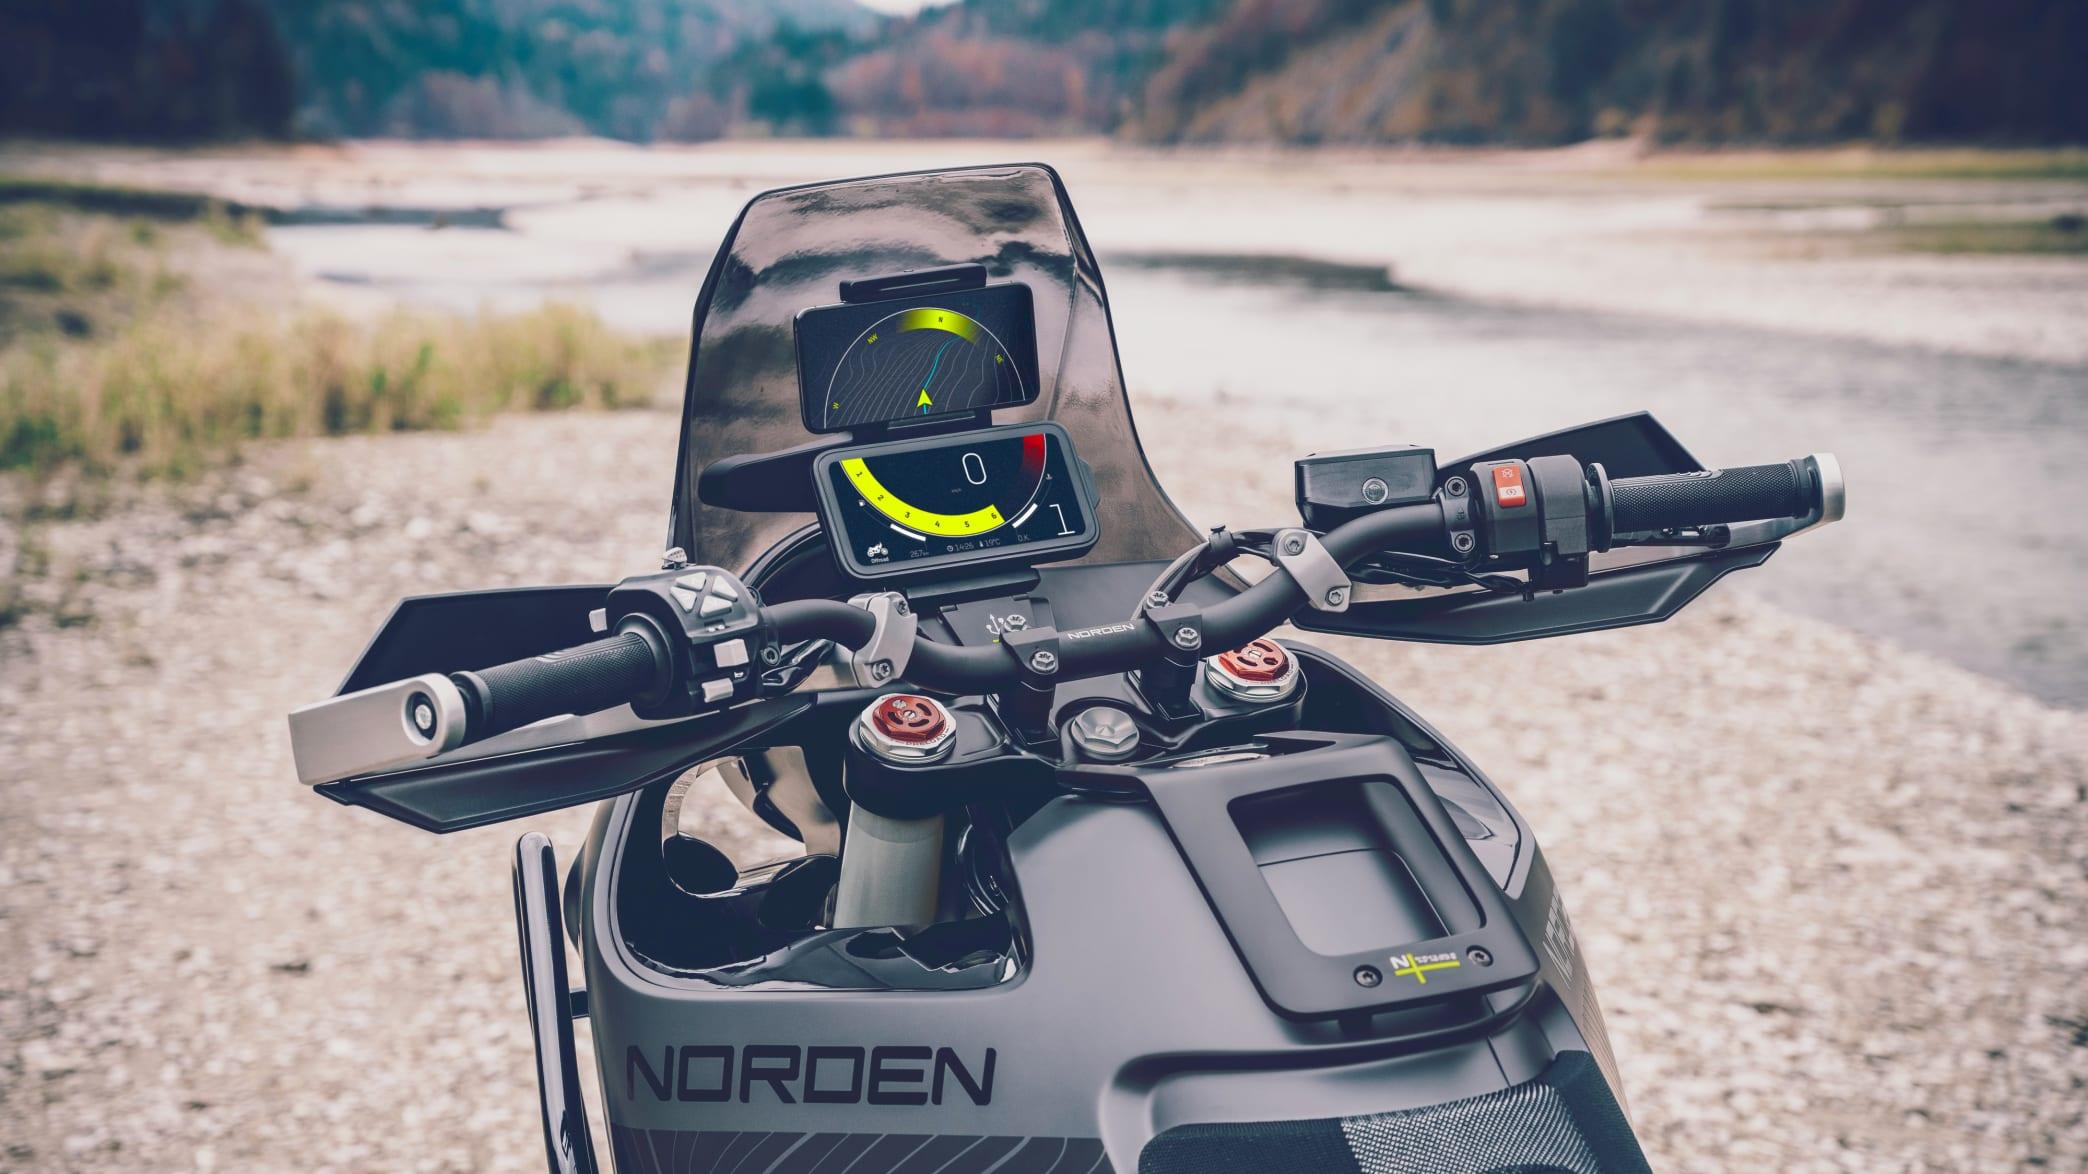 Husqvarna Norden 901 Lenker